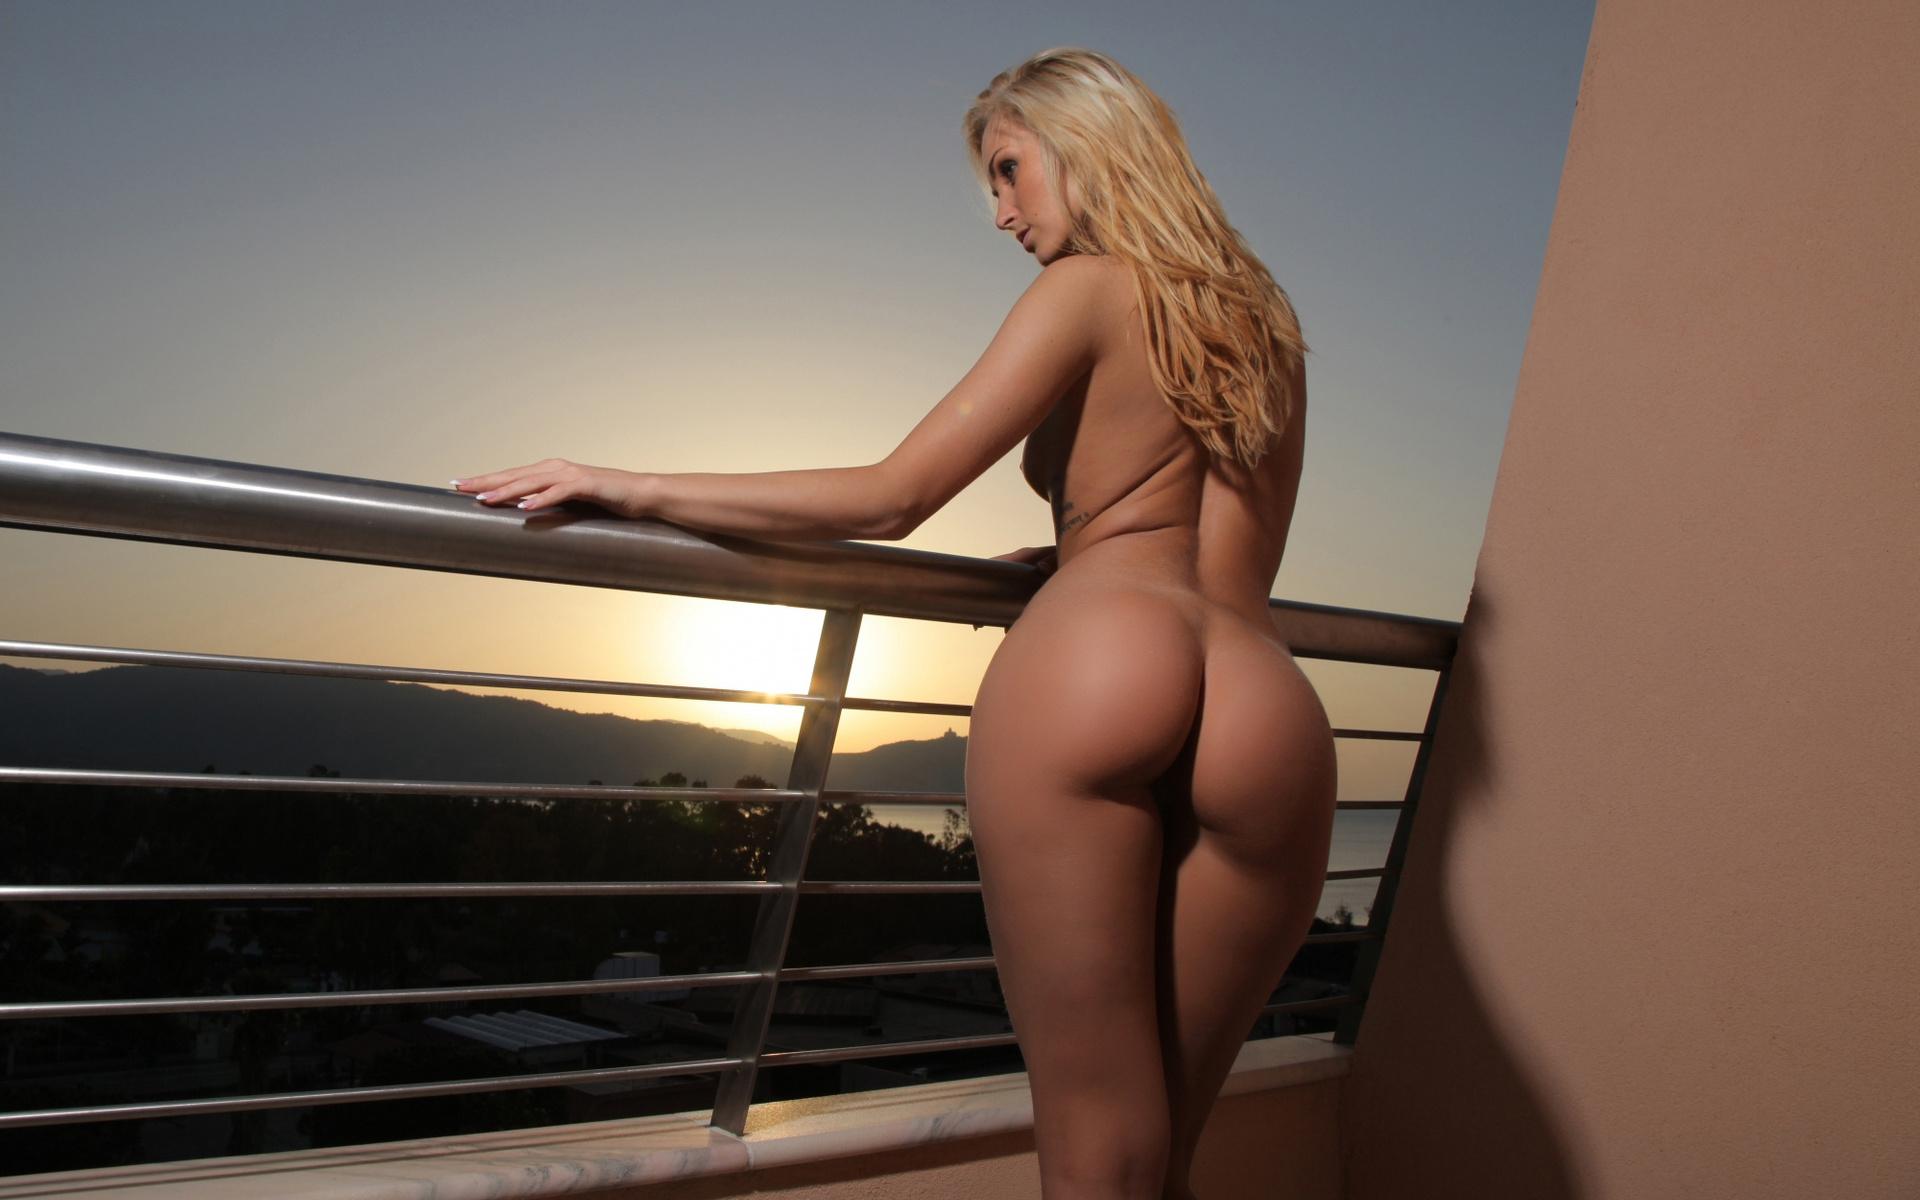 blondinka-s-golim-zadom